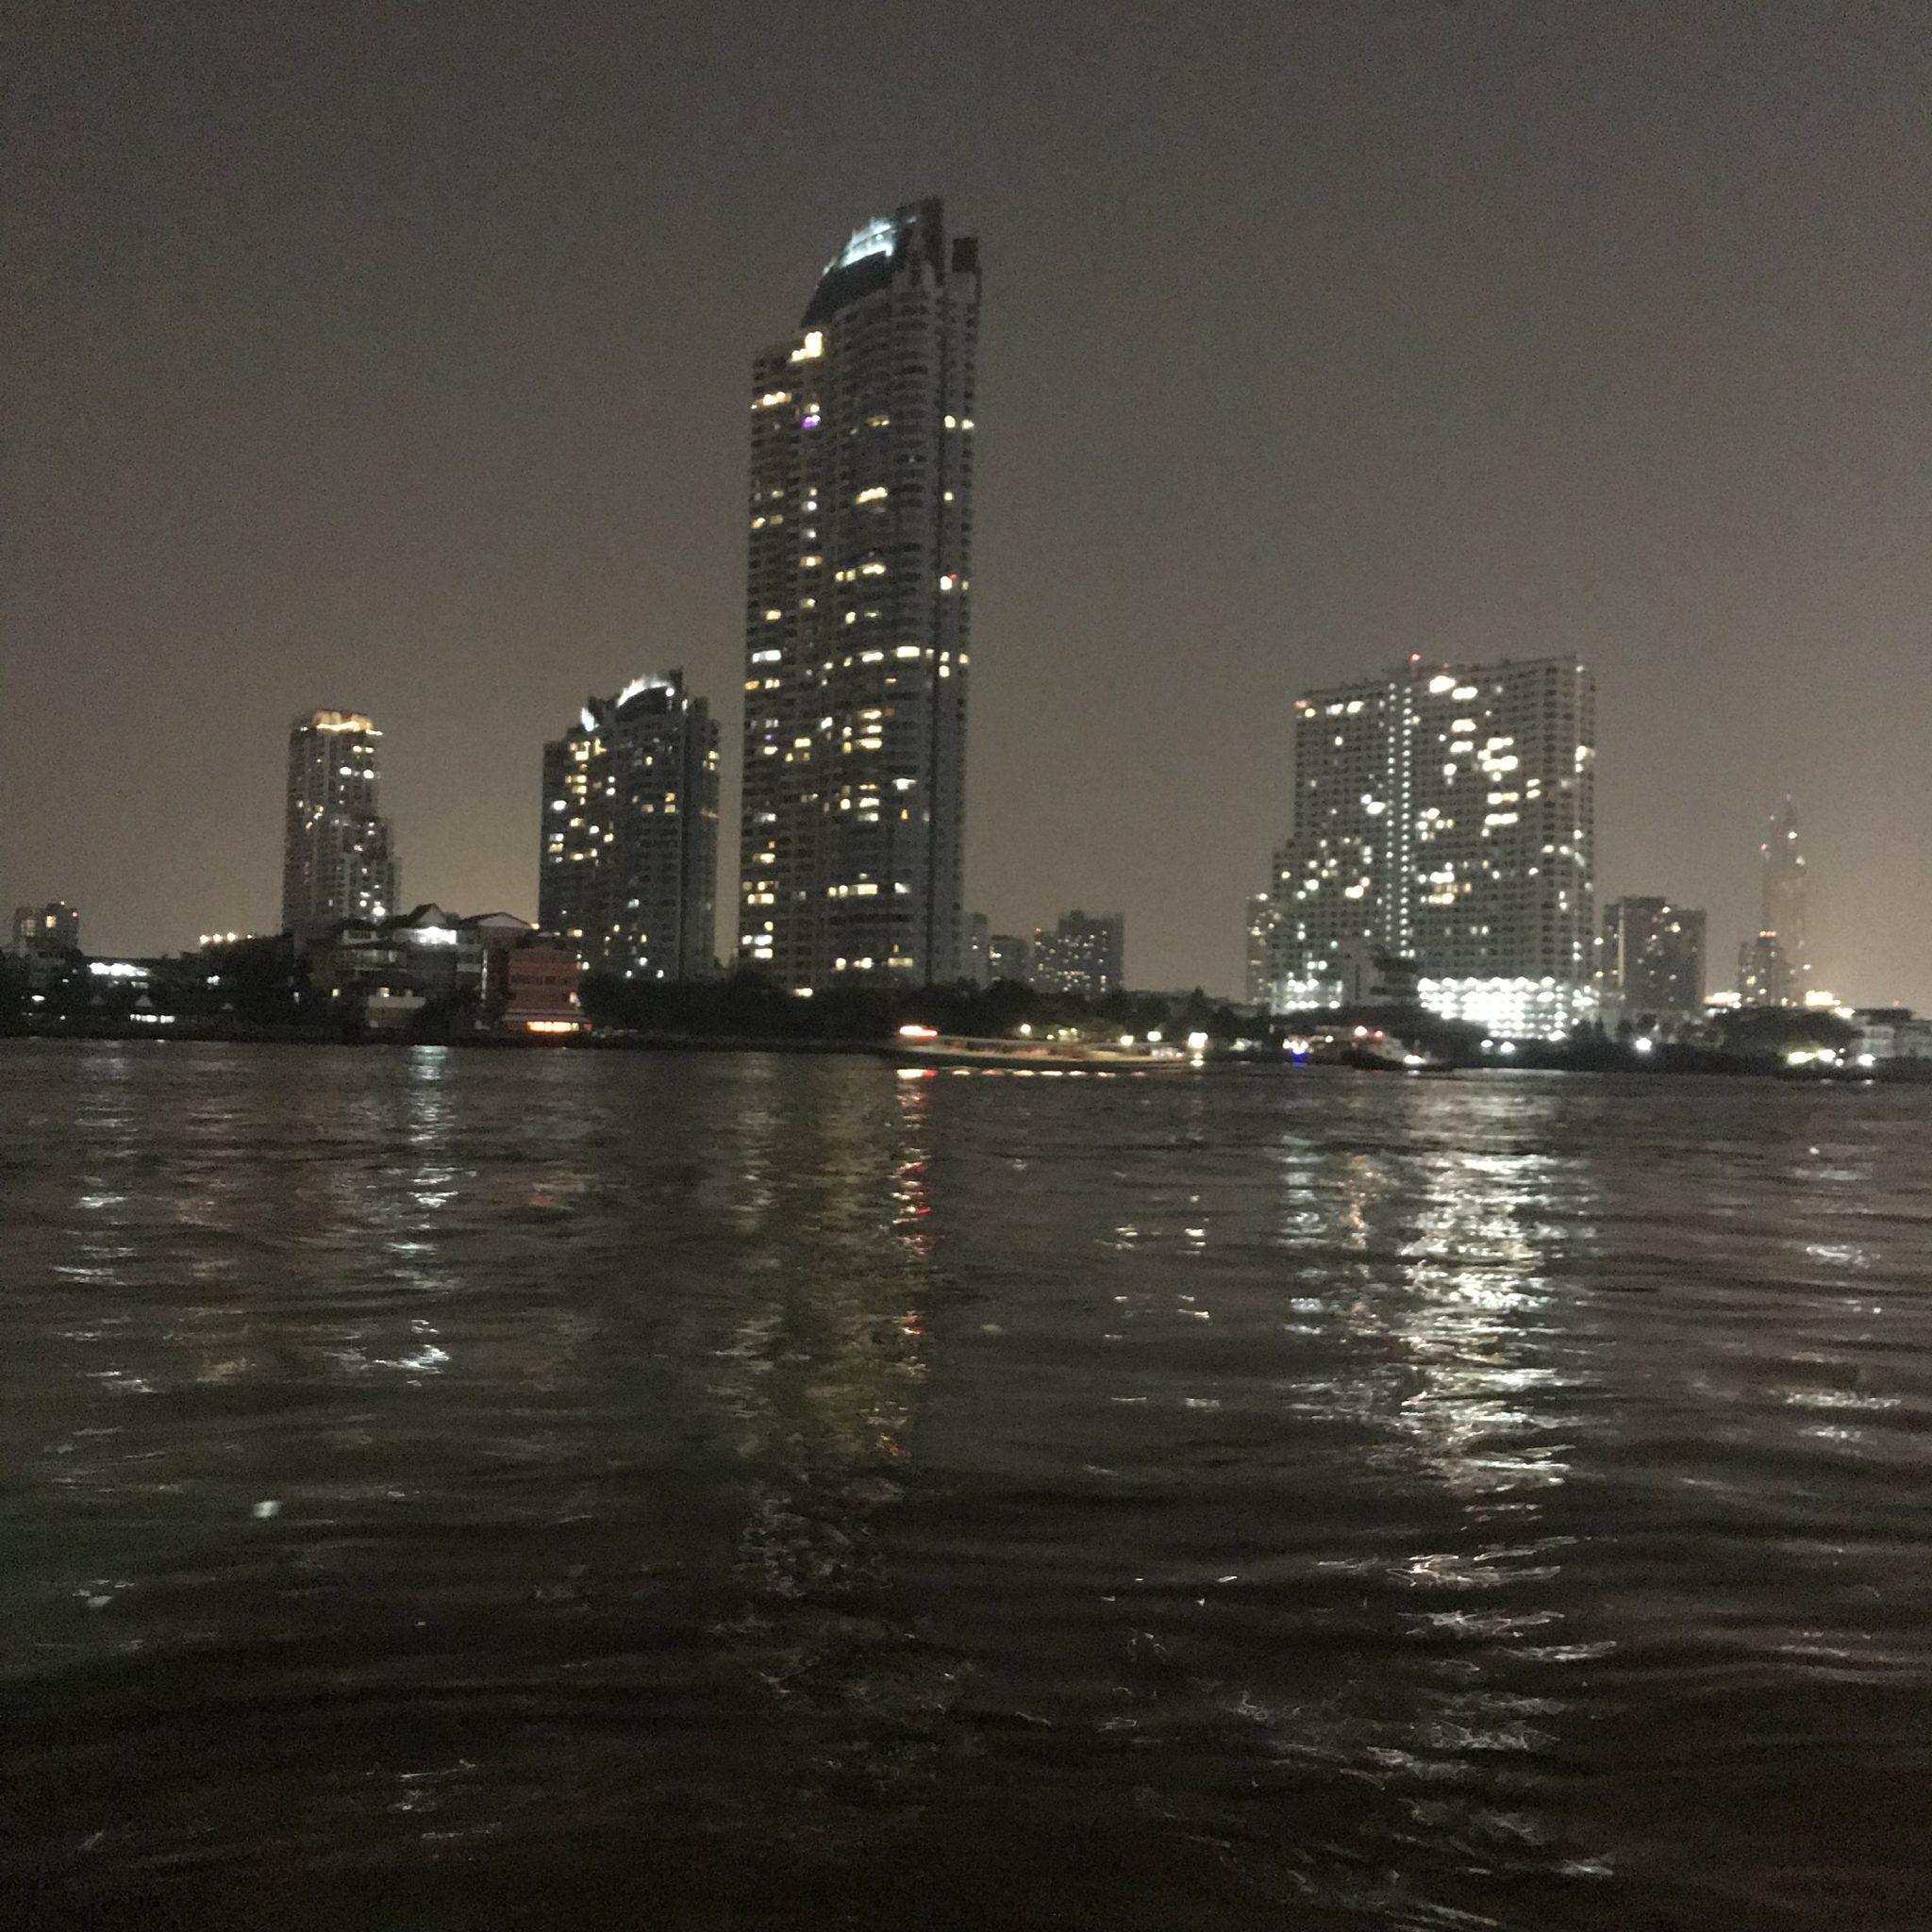 夜のチャオプラヤー川